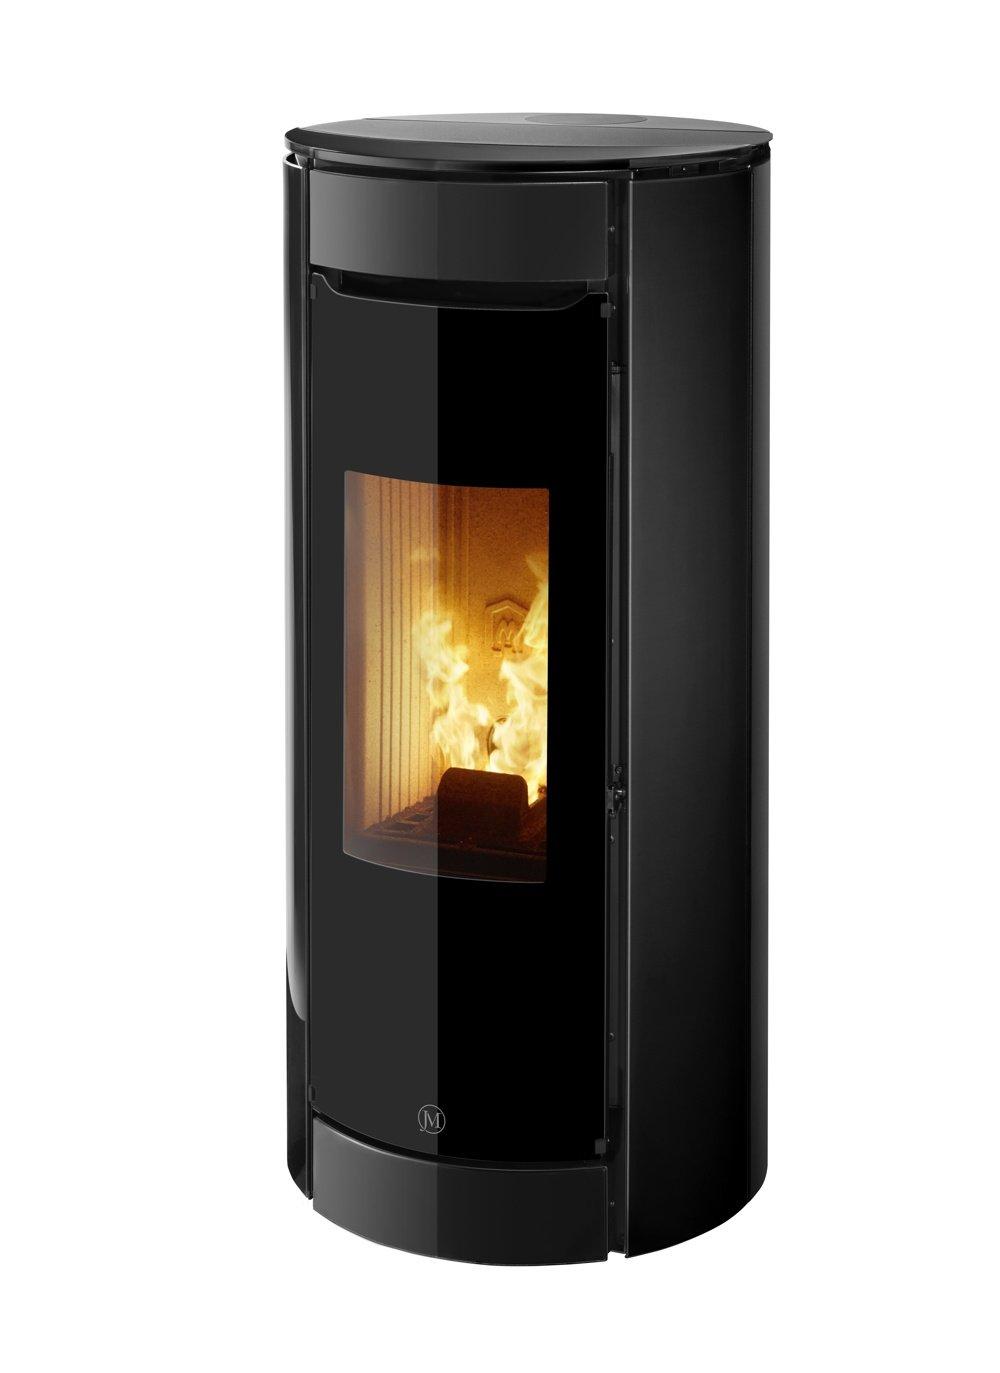 Thermopoêle air pellets BOTERO 2 couleur noir